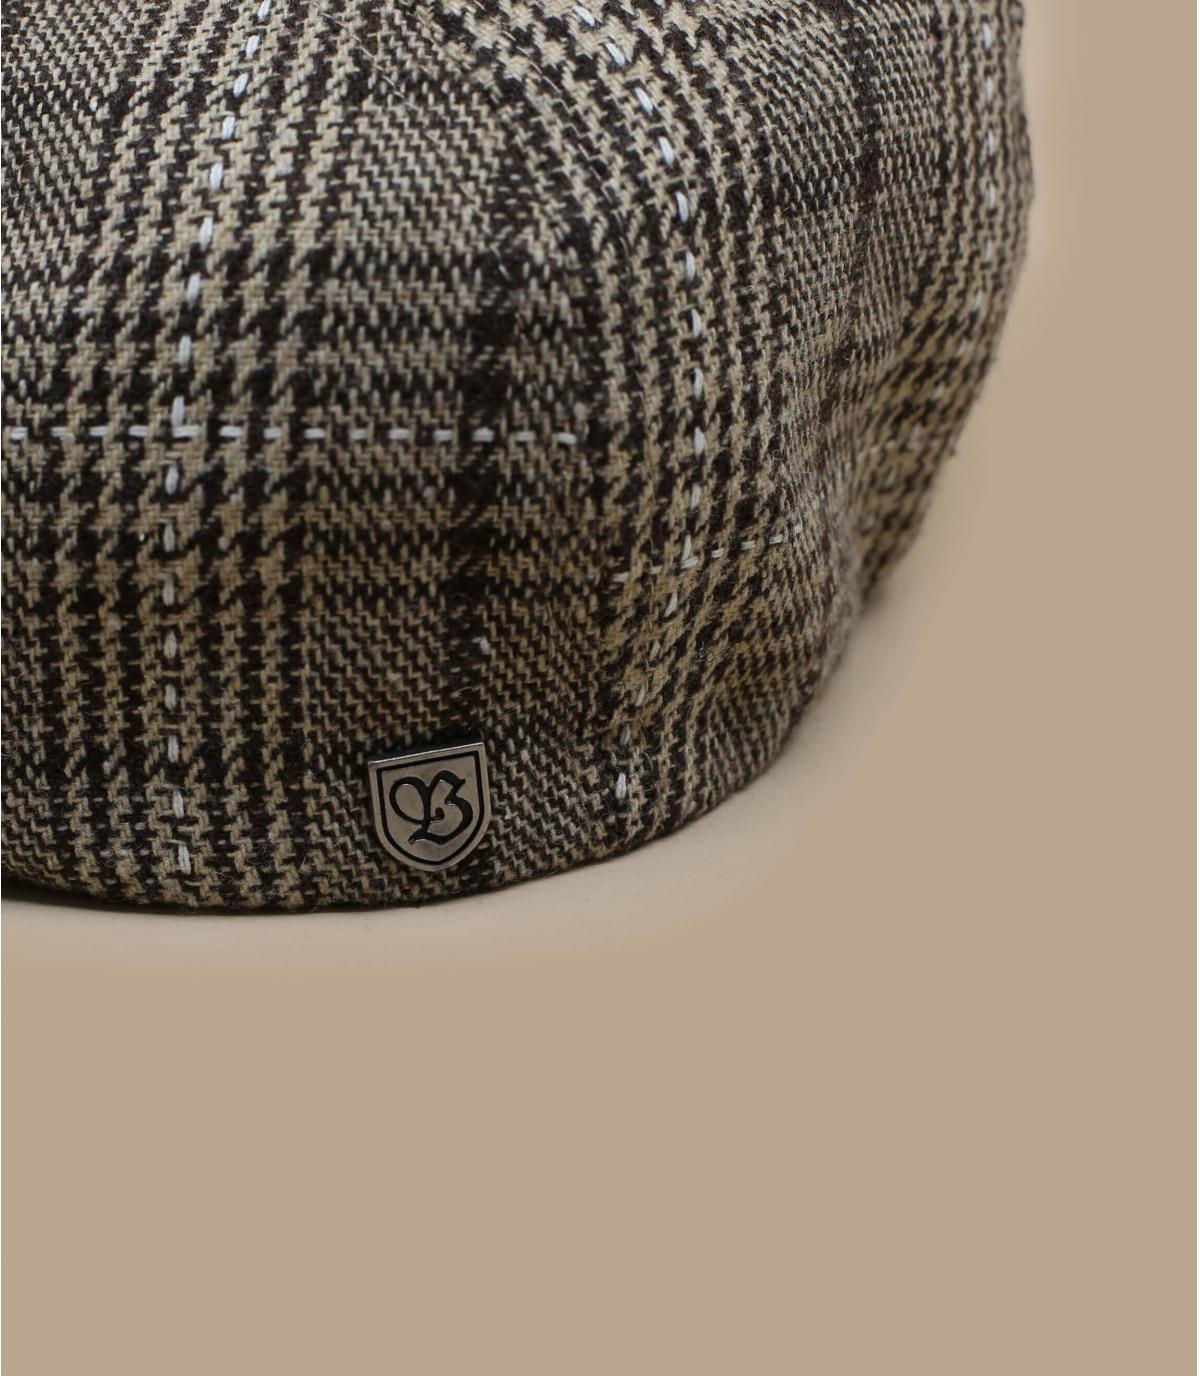 Dettagli Brood taupe brown - image 2